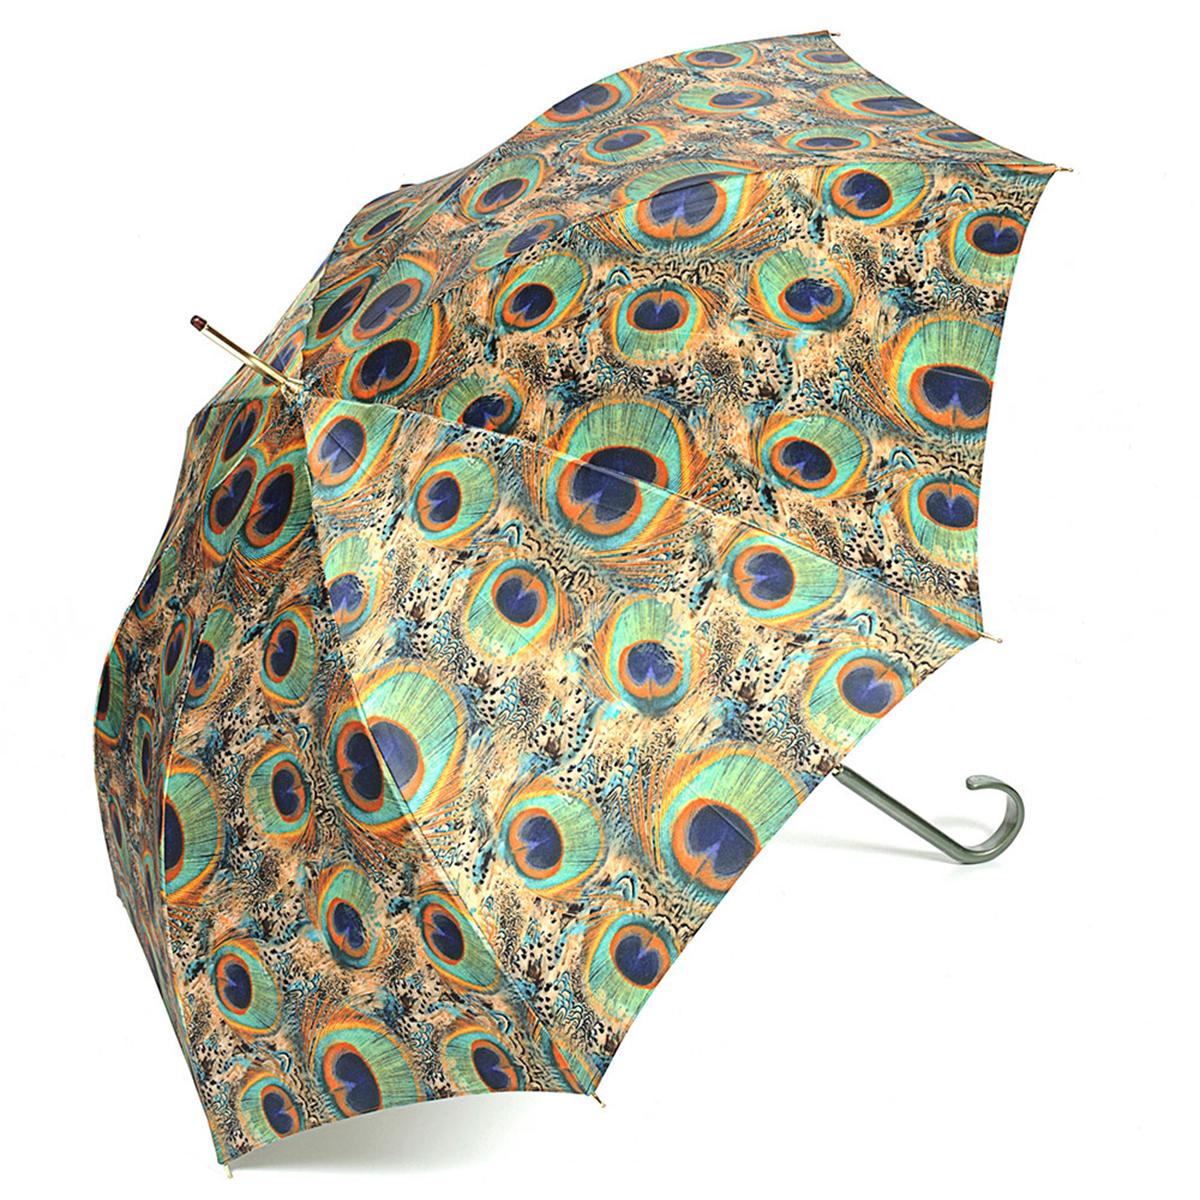 Зонт-трость женский Stilla, цвет: песочный, бирюзовый. 726/1 auto191I-1714Зонт-трость Stilla надежно защитит вас от дождя. Купол, оформленный оригинальным принтом, выполнен из высококачественного ПВХ, который не пропускает воду.Каркас зонта и спицы выполнены из высококарбонистой стали. Зонт имеет автоматический тип сложения: открывается и закрывается при нажатии на кнопку. Удобная ручка выполнена из пластика.